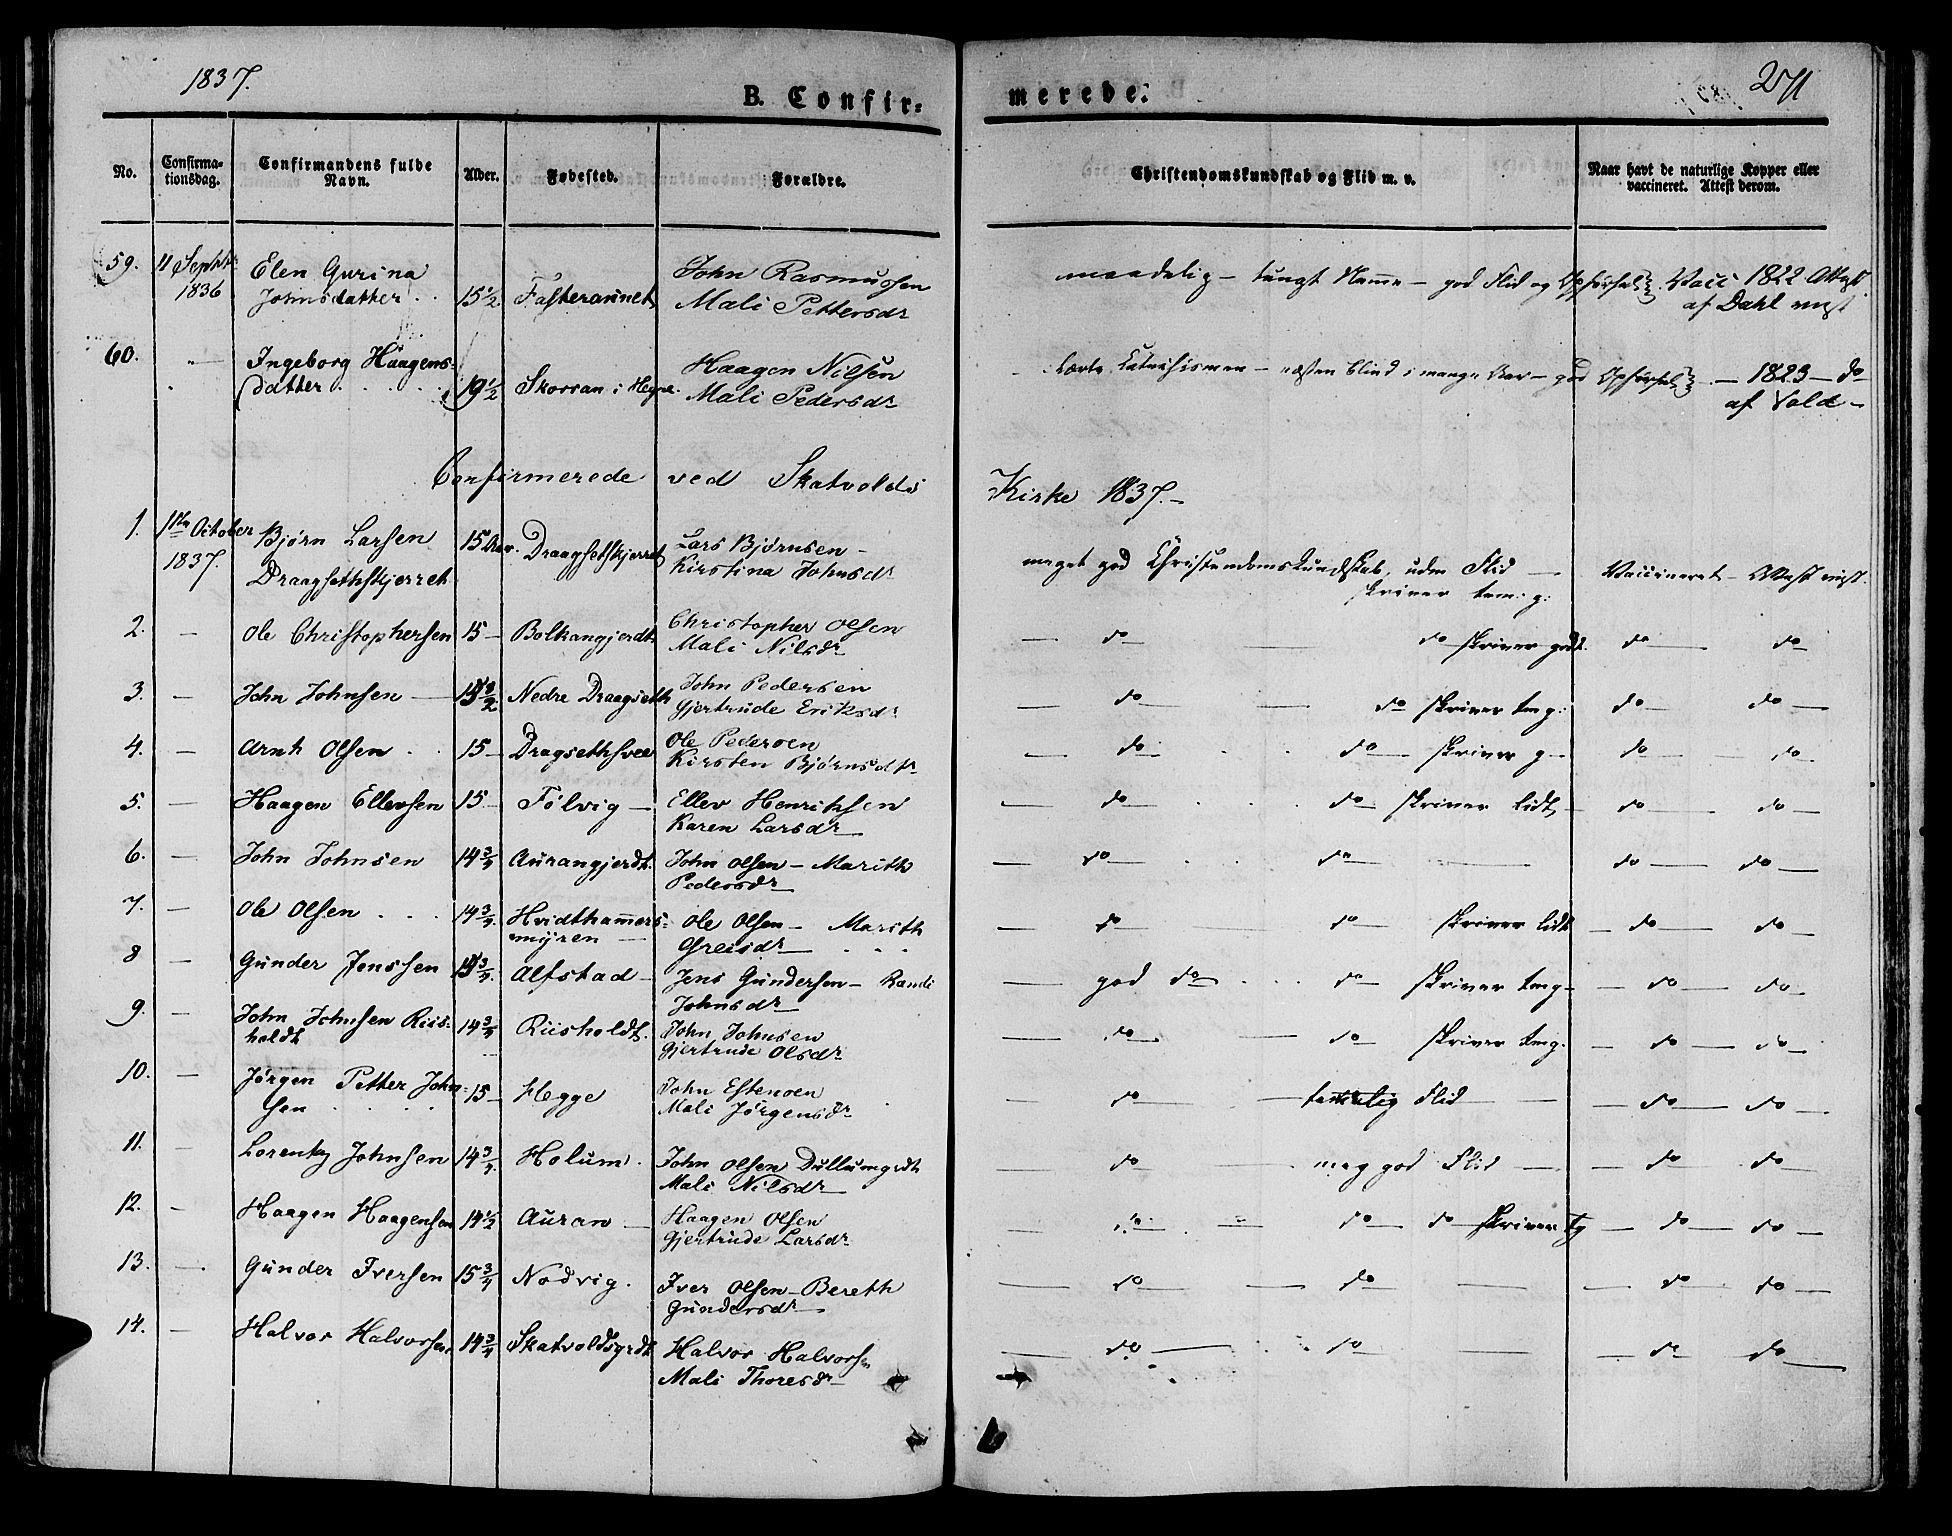 SAT, Ministerialprotokoller, klokkerbøker og fødselsregistre - Nord-Trøndelag, 709/L0071: Ministerialbok nr. 709A11, 1833-1844, s. 271